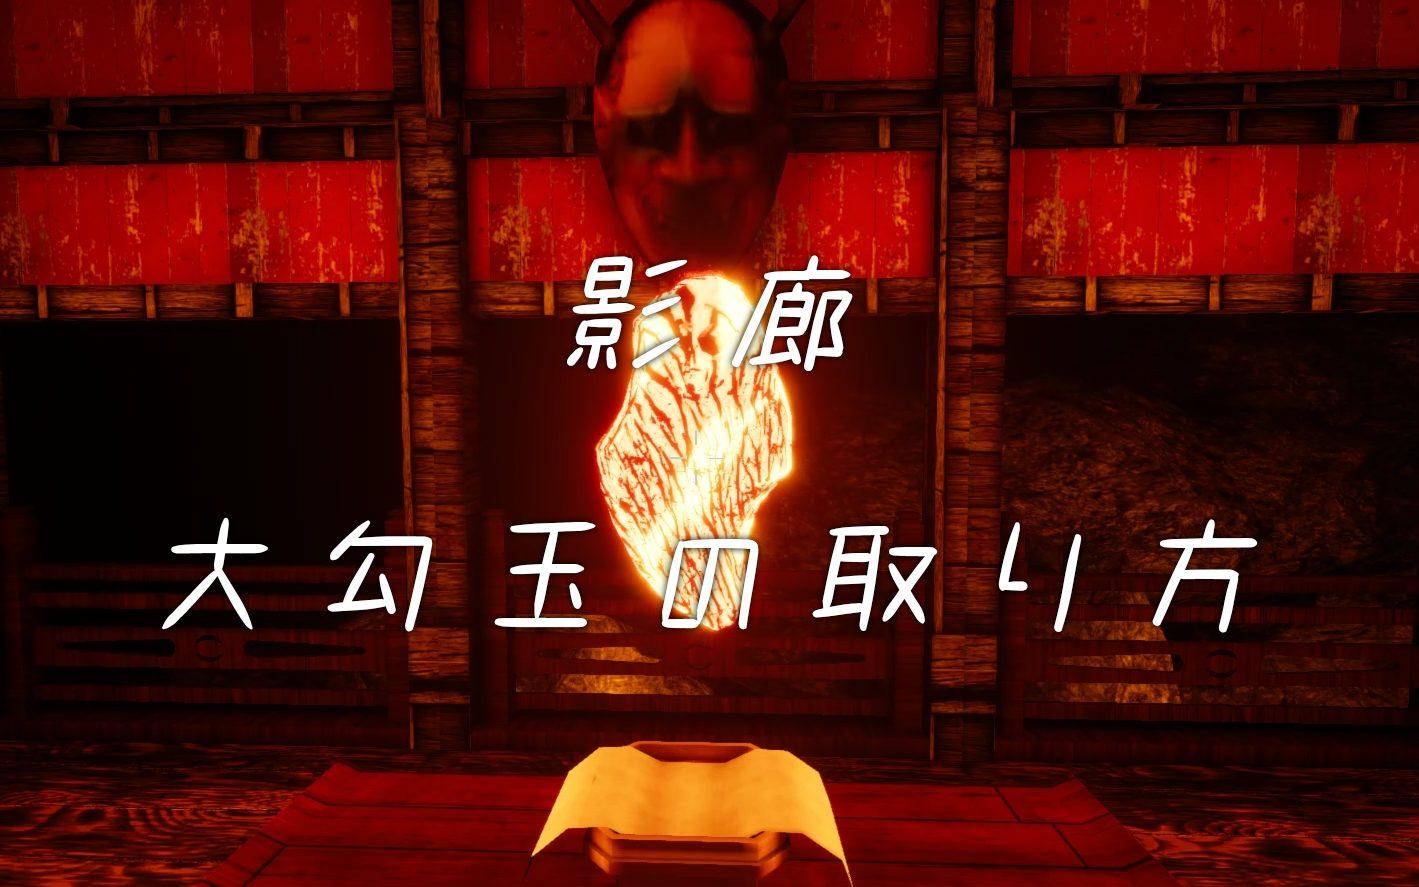 【影廊】 聖域条件 大勾玉(特別な勾玉) 攻略